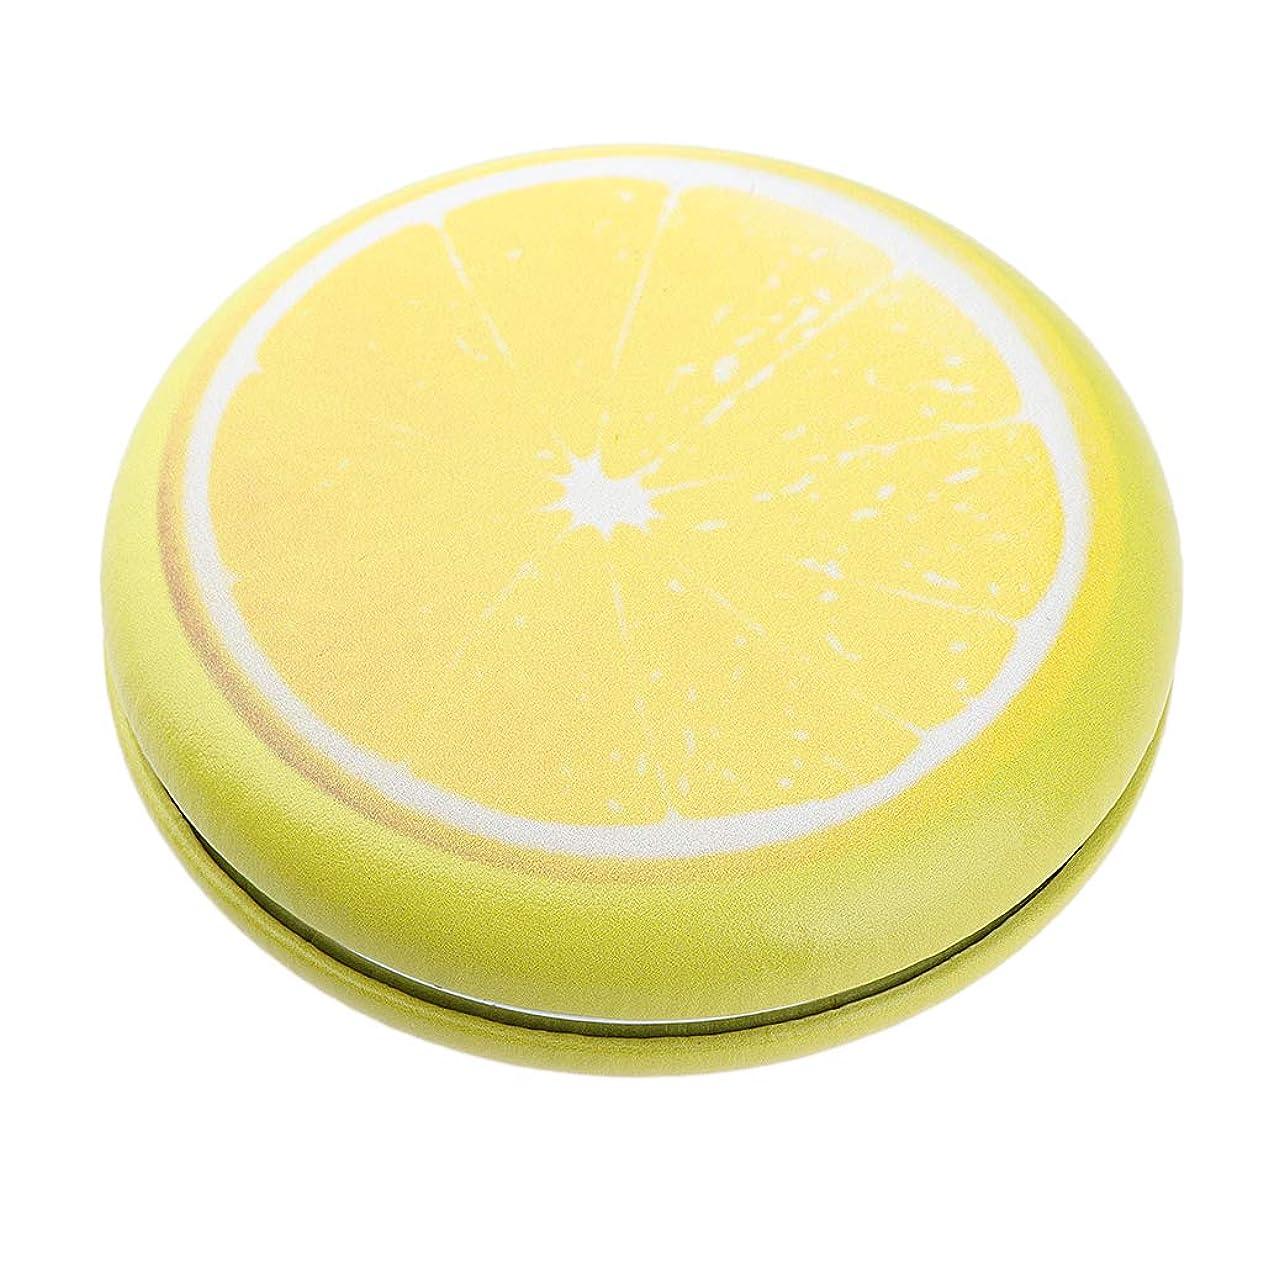 ネックレット虹依存P Prettyia 折りたたみ化粧鏡 携帯用 ポケットミラー 美容鏡 3仕様選べ - イエロー - レモン